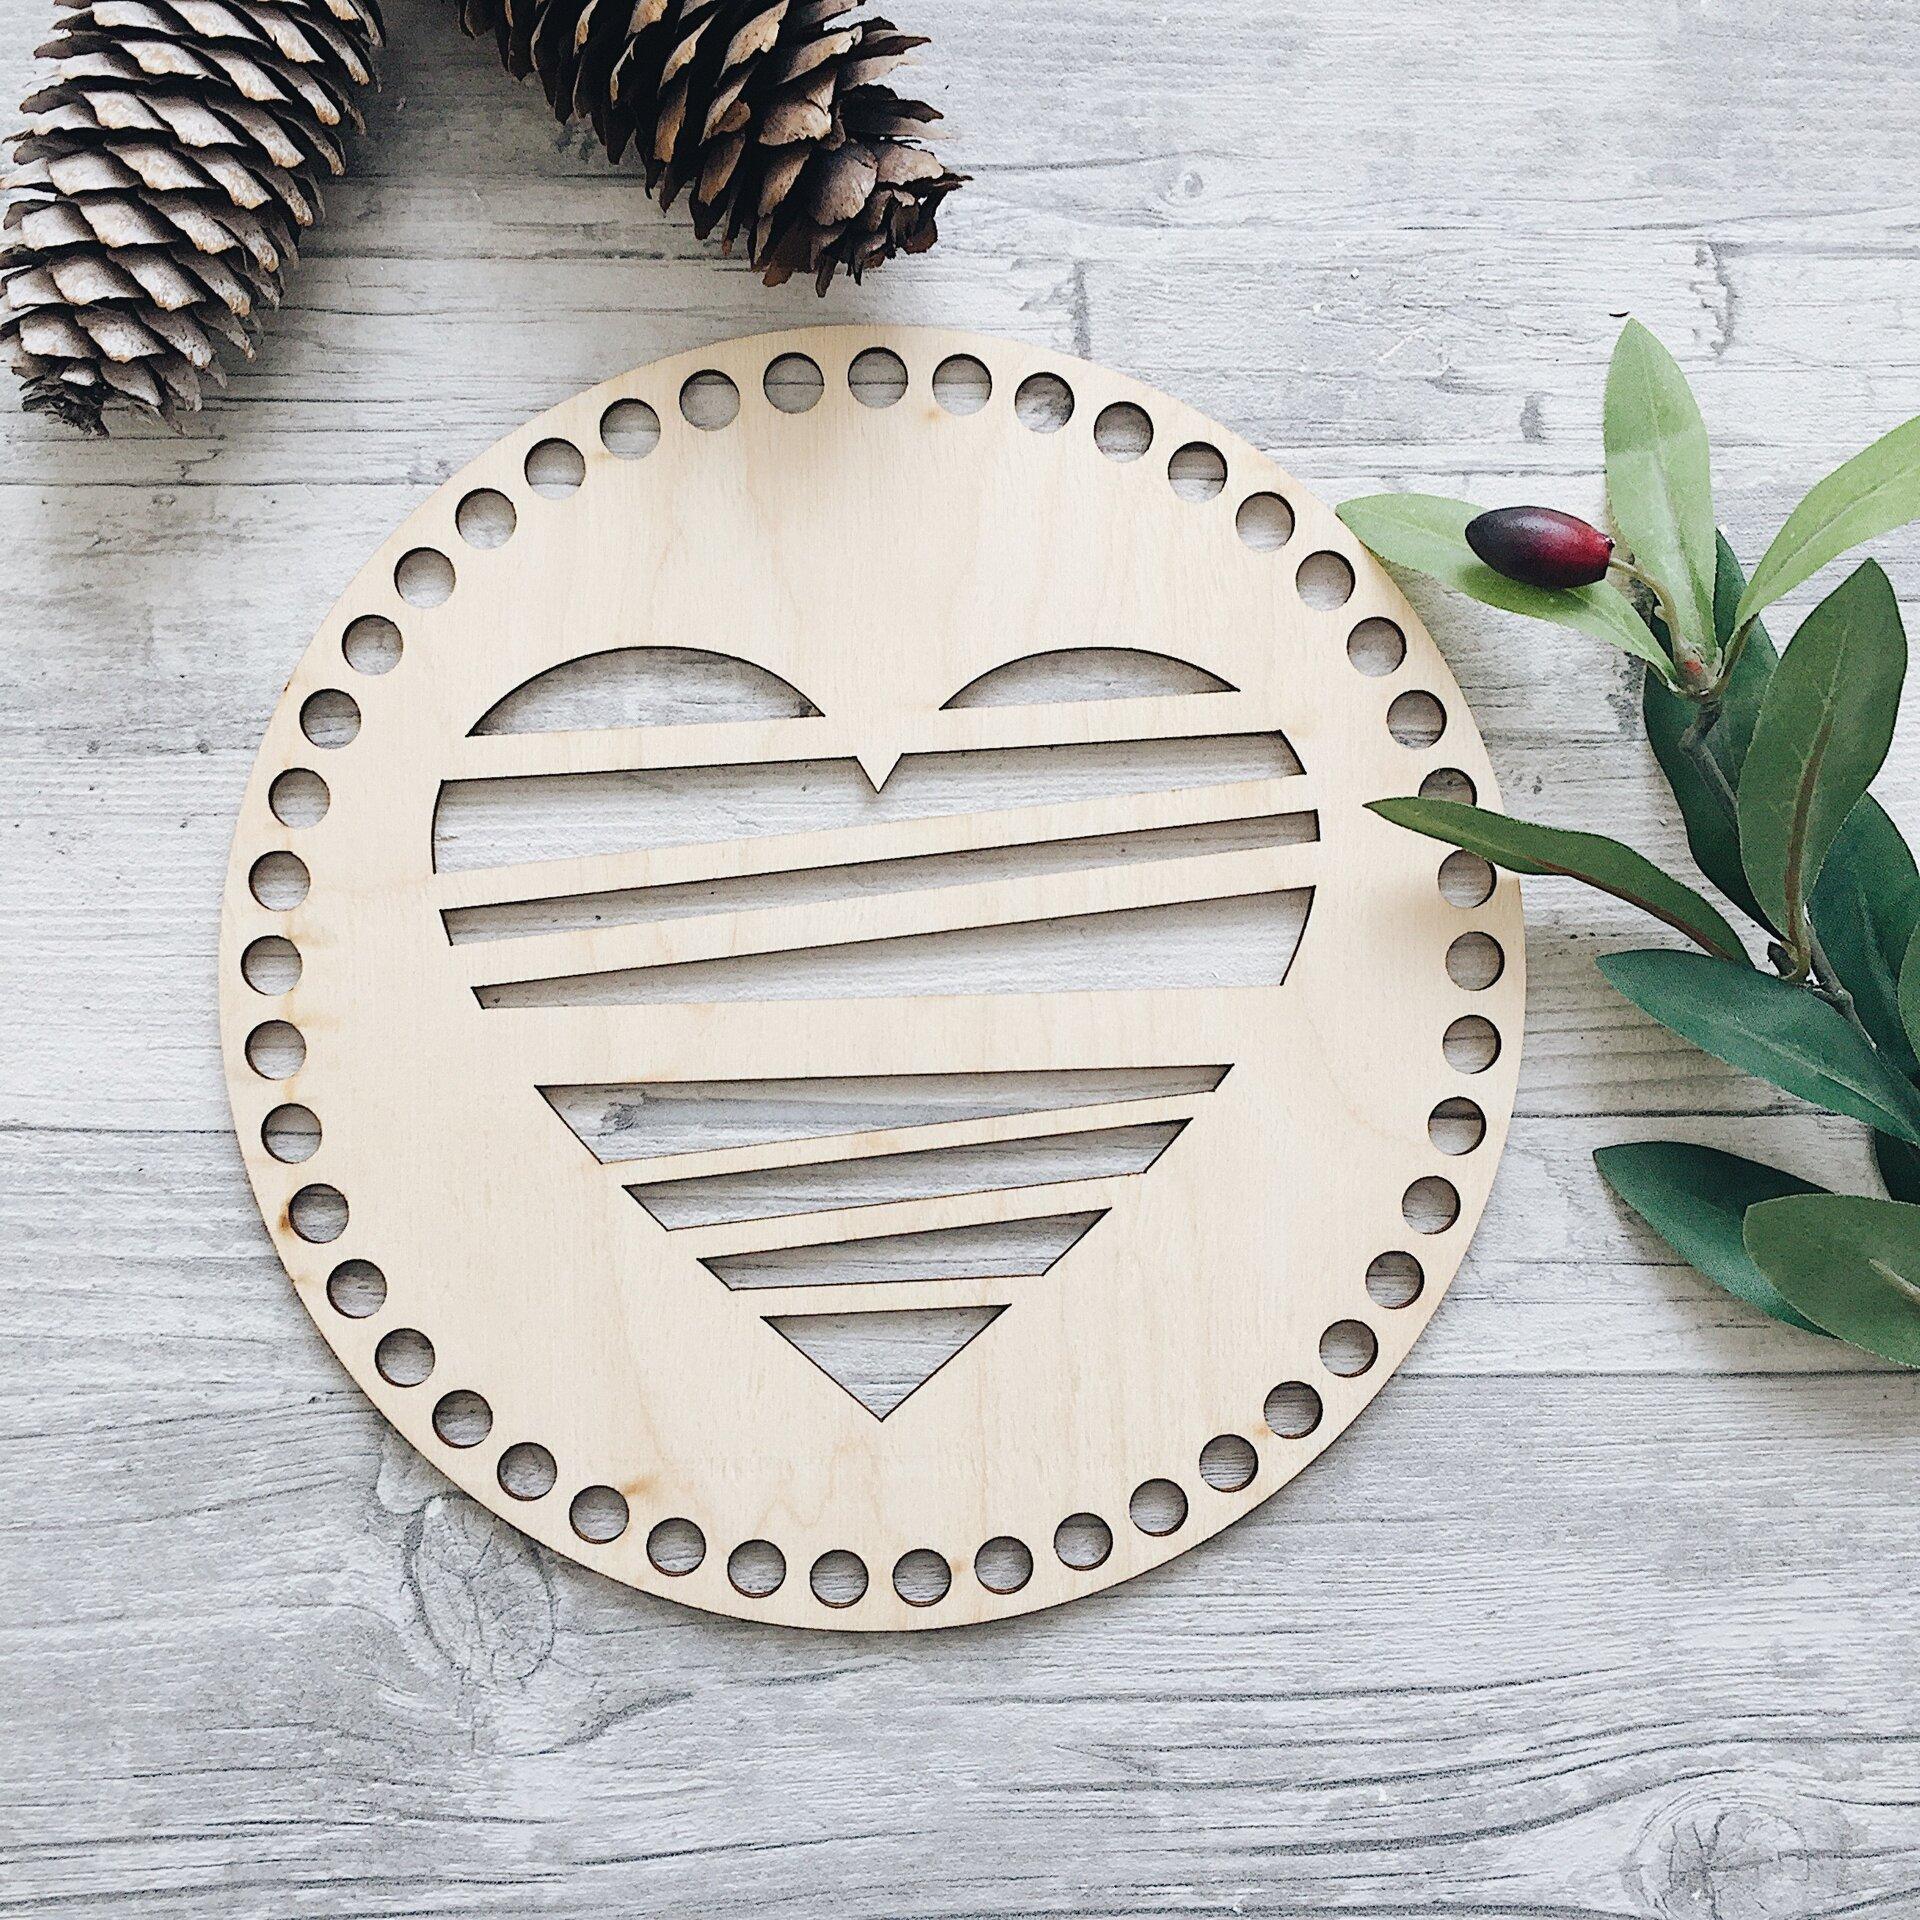 Деревянная резная крышка для корзинки, круг с сердцем 20см - фото pic_ee866e2cb06dc56_1920x9000_1.jpg